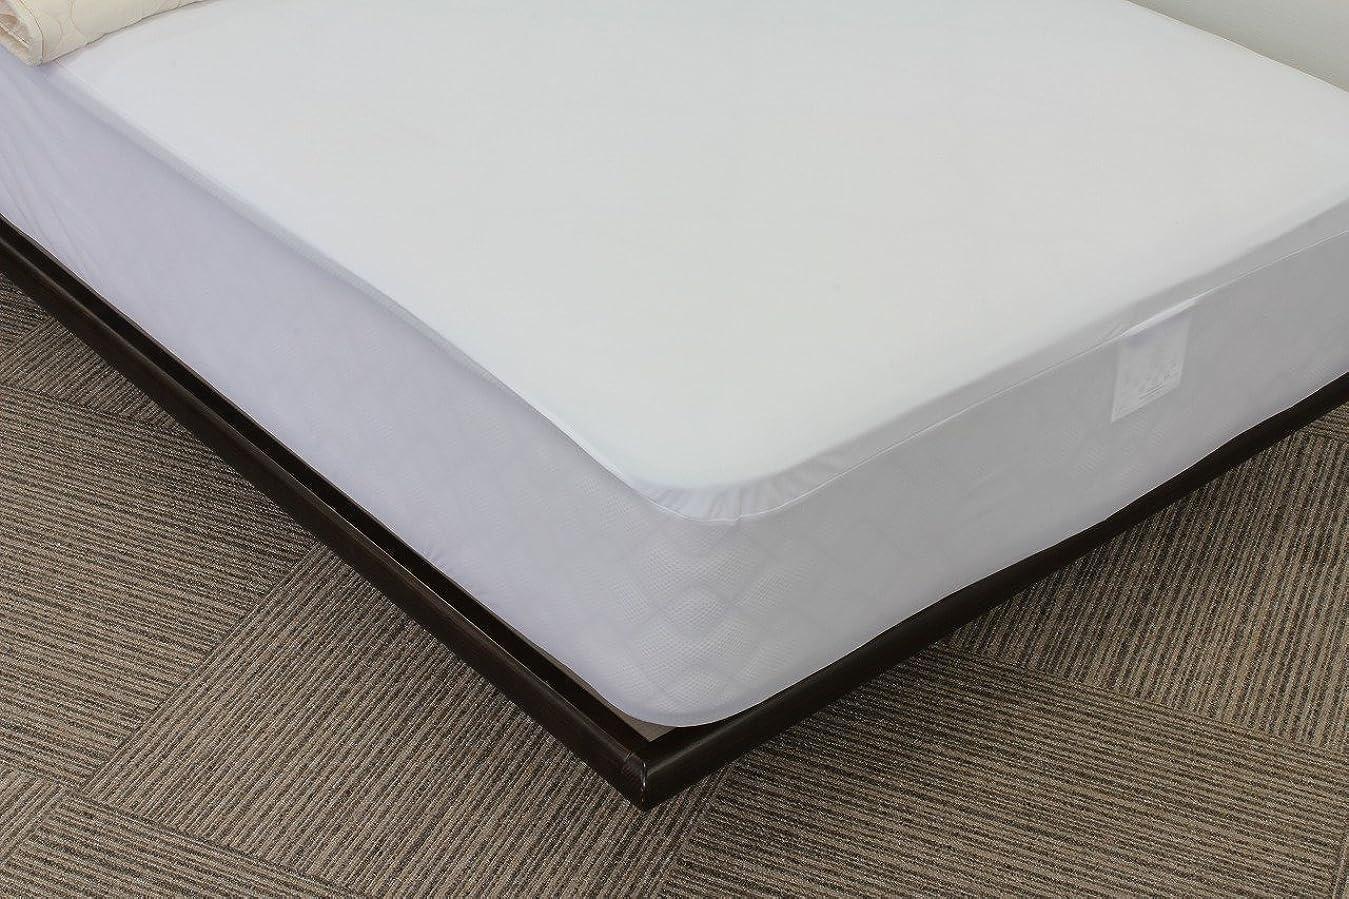 ダイエットバルーンオン東京ベッド BOXシーツ マットレスプロテクター クラシック (ムレ無い防水シーツ) 業務用可 クイーンサイズ